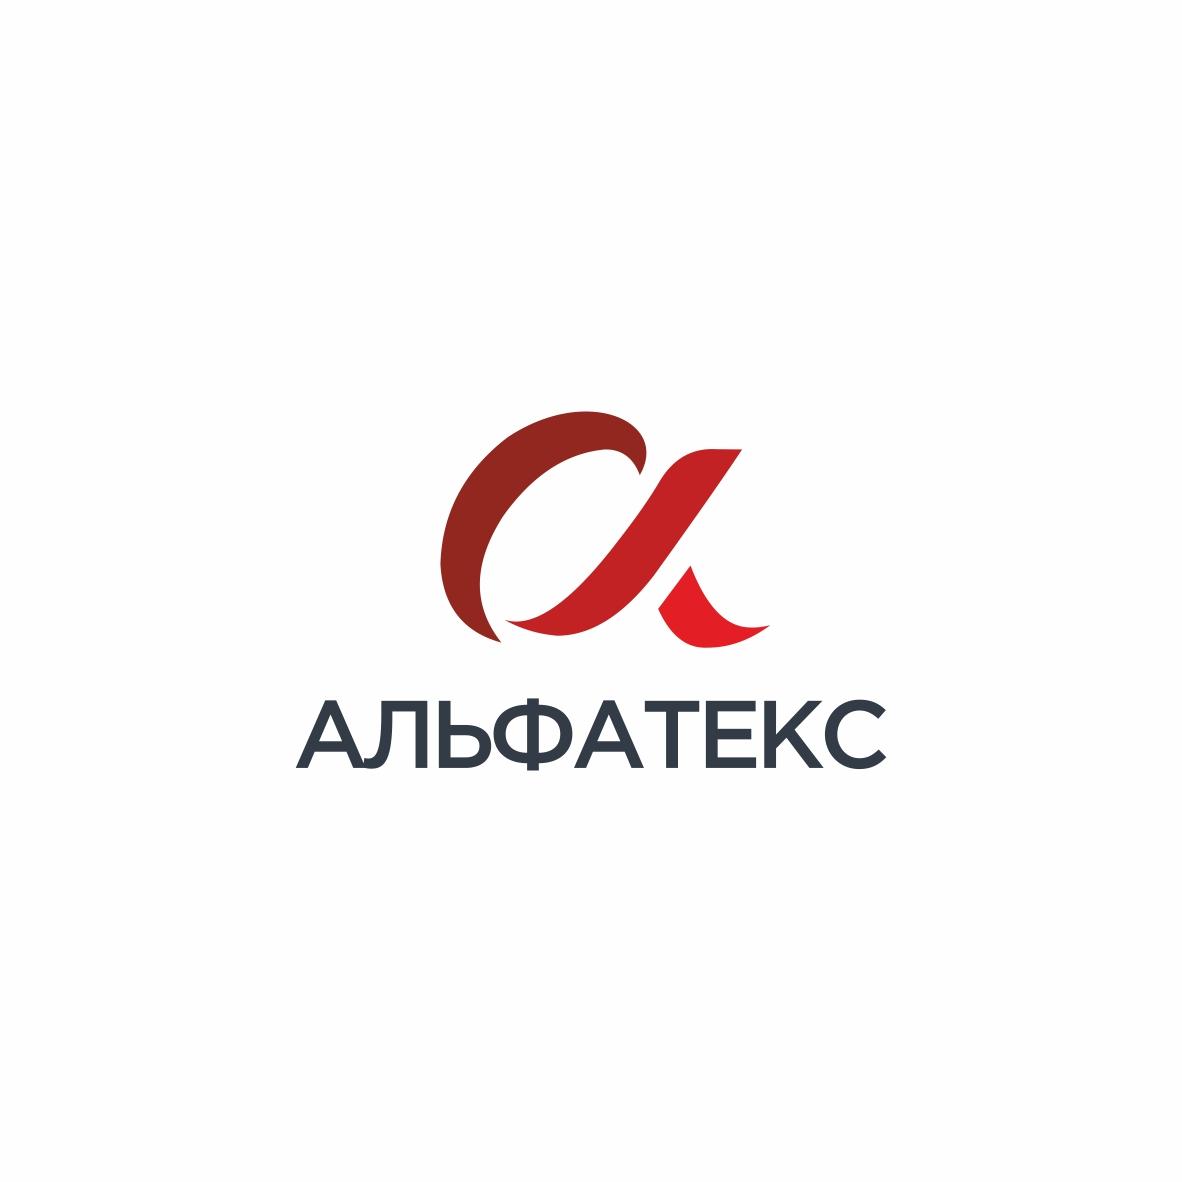 Разработка логотипа для Альфатекс